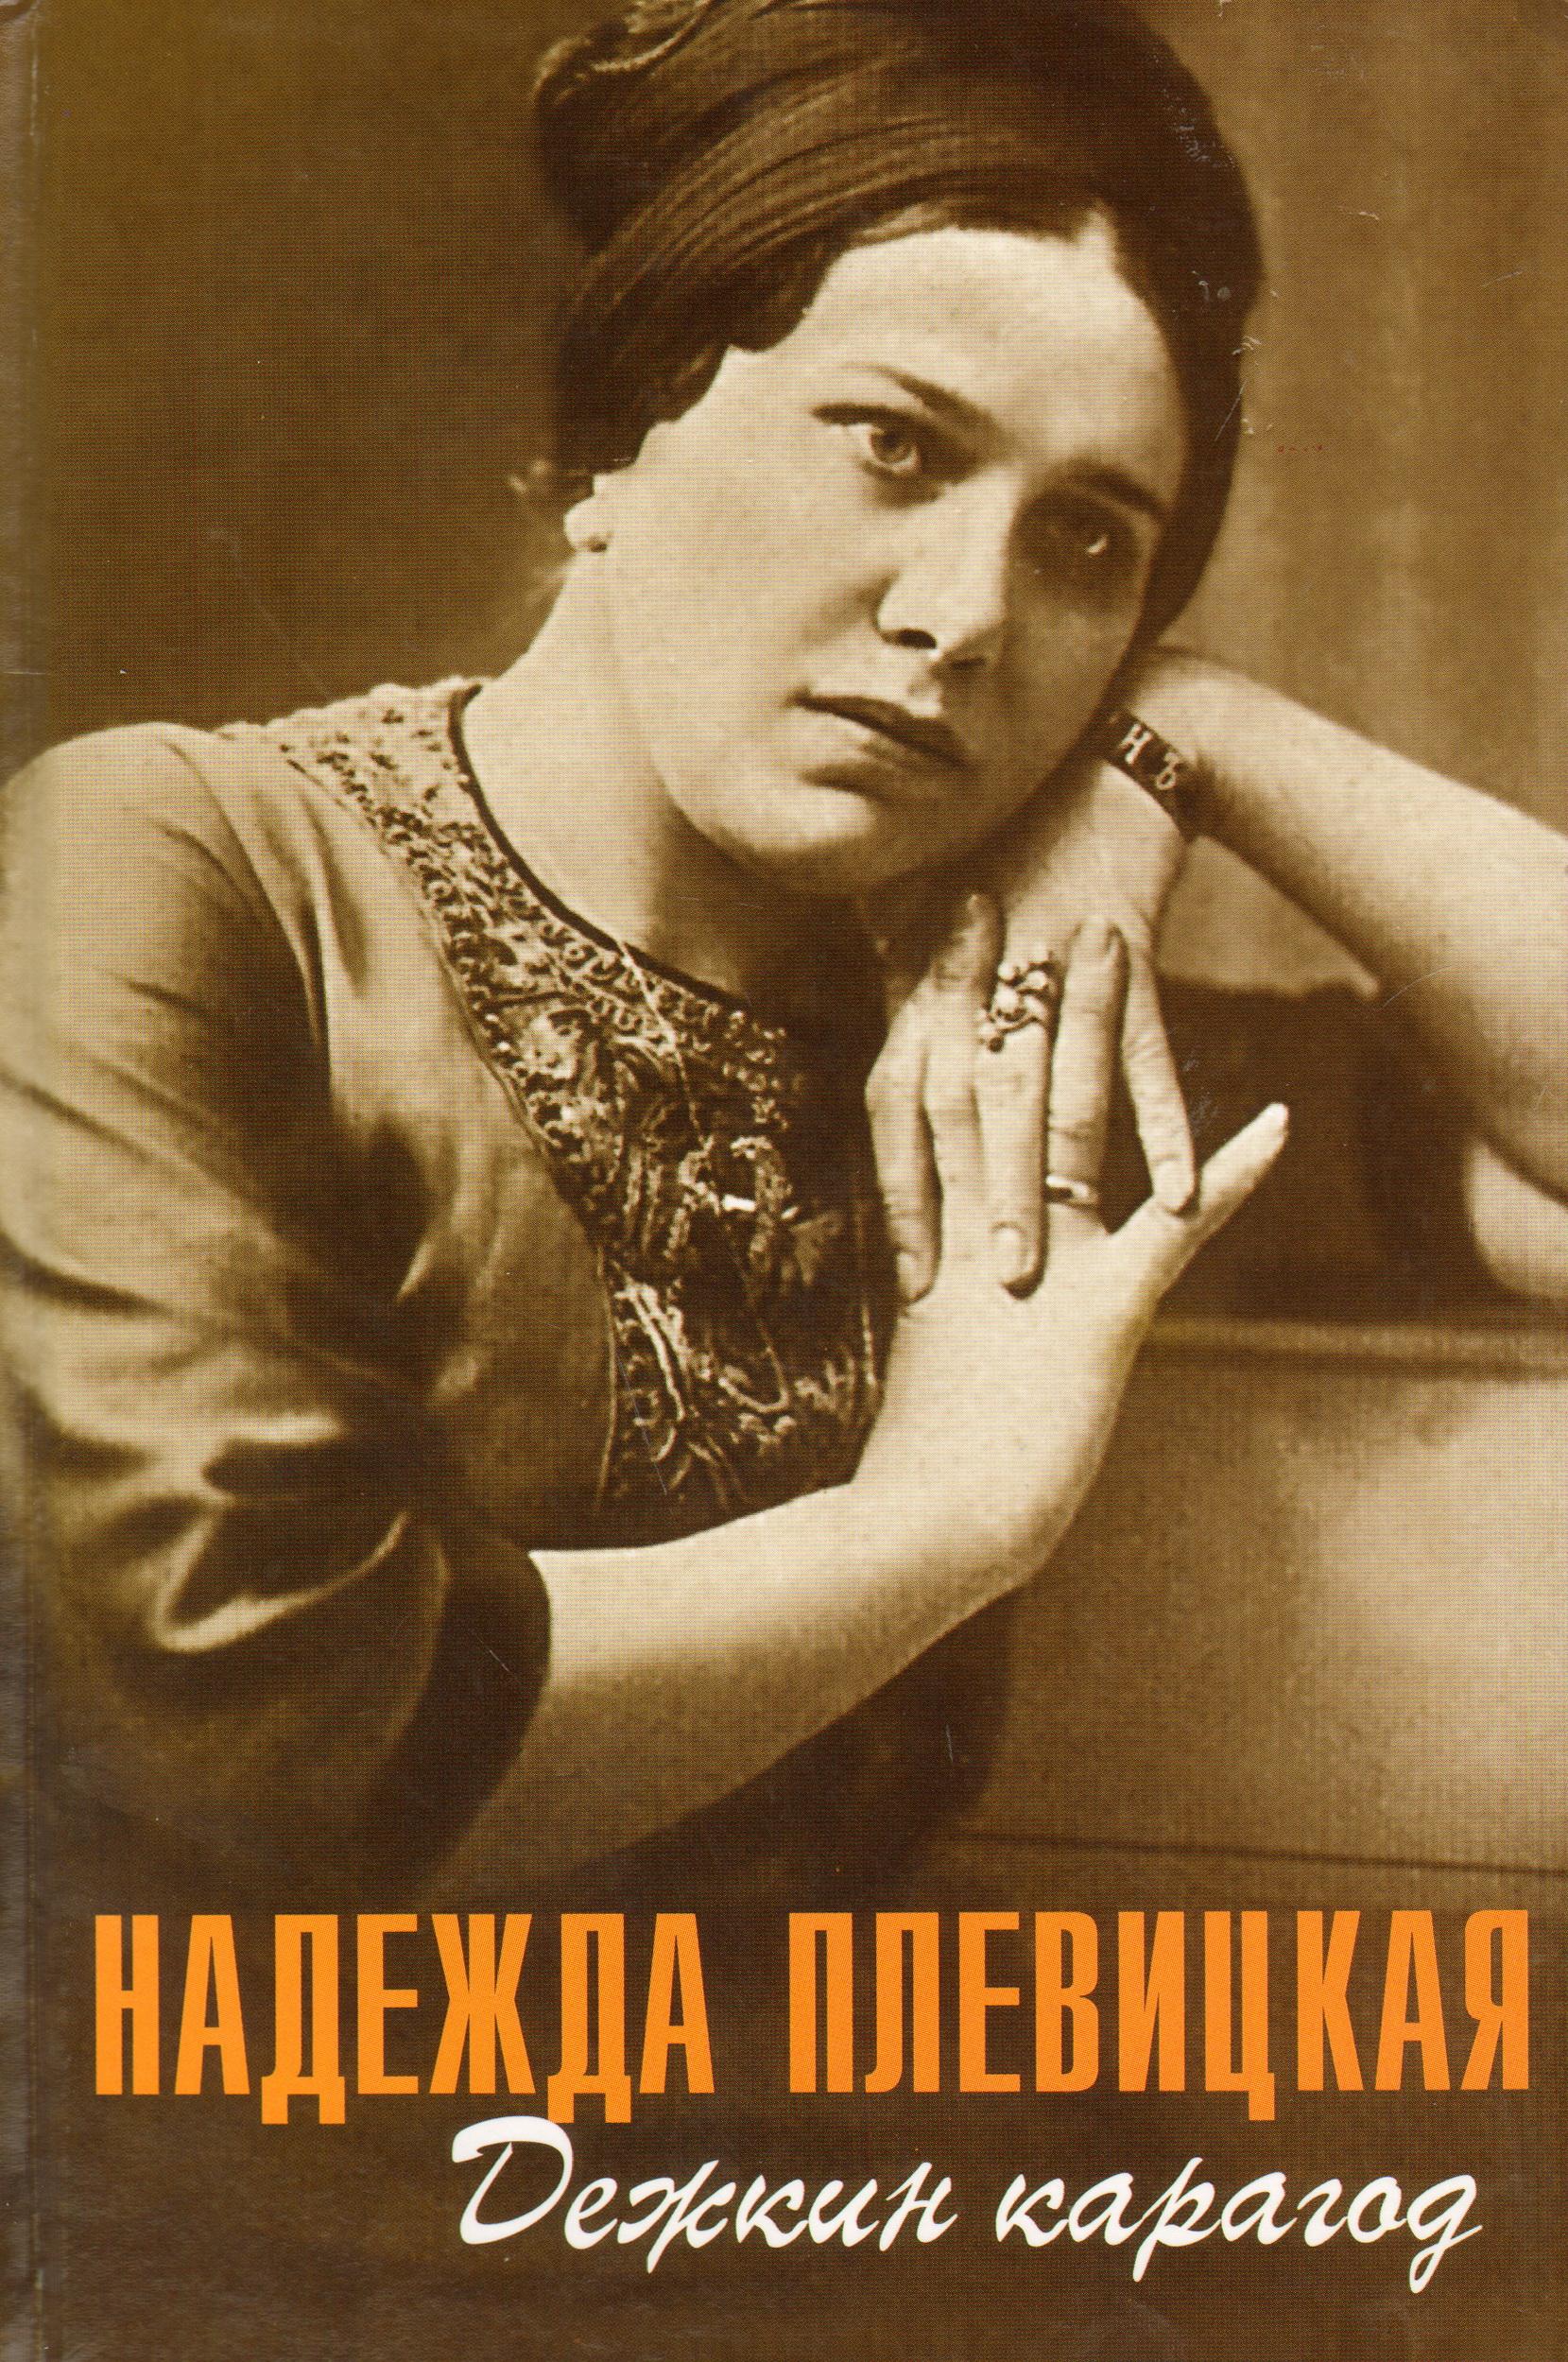 Самые знаменитые русские певцы 20 века 10 фотография